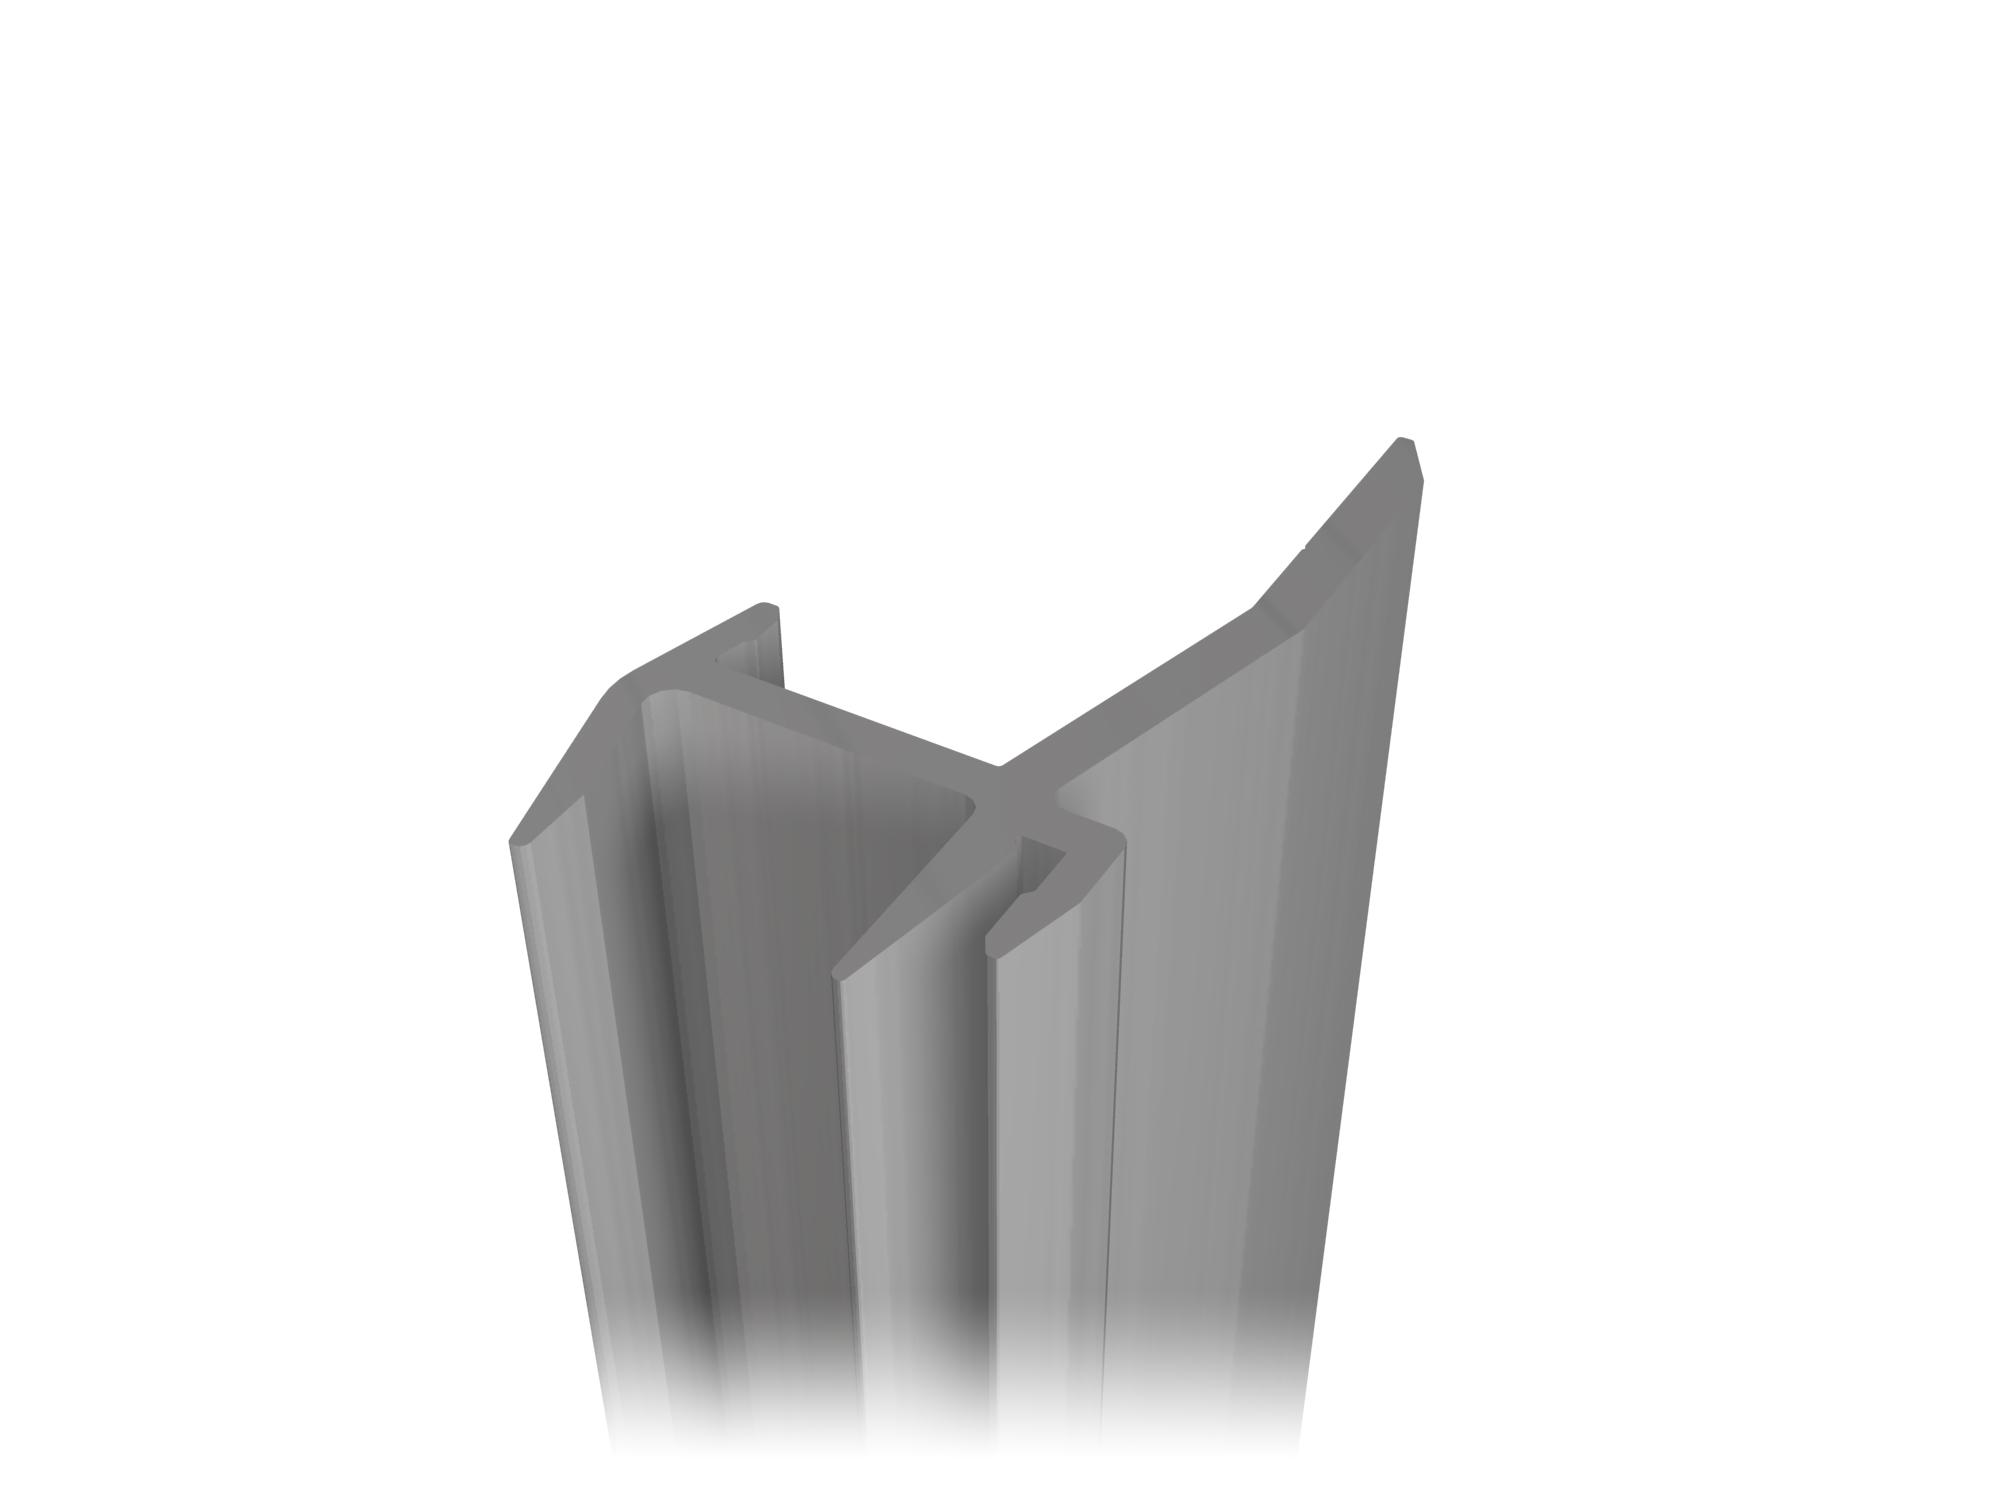 Aluminum profile A-139